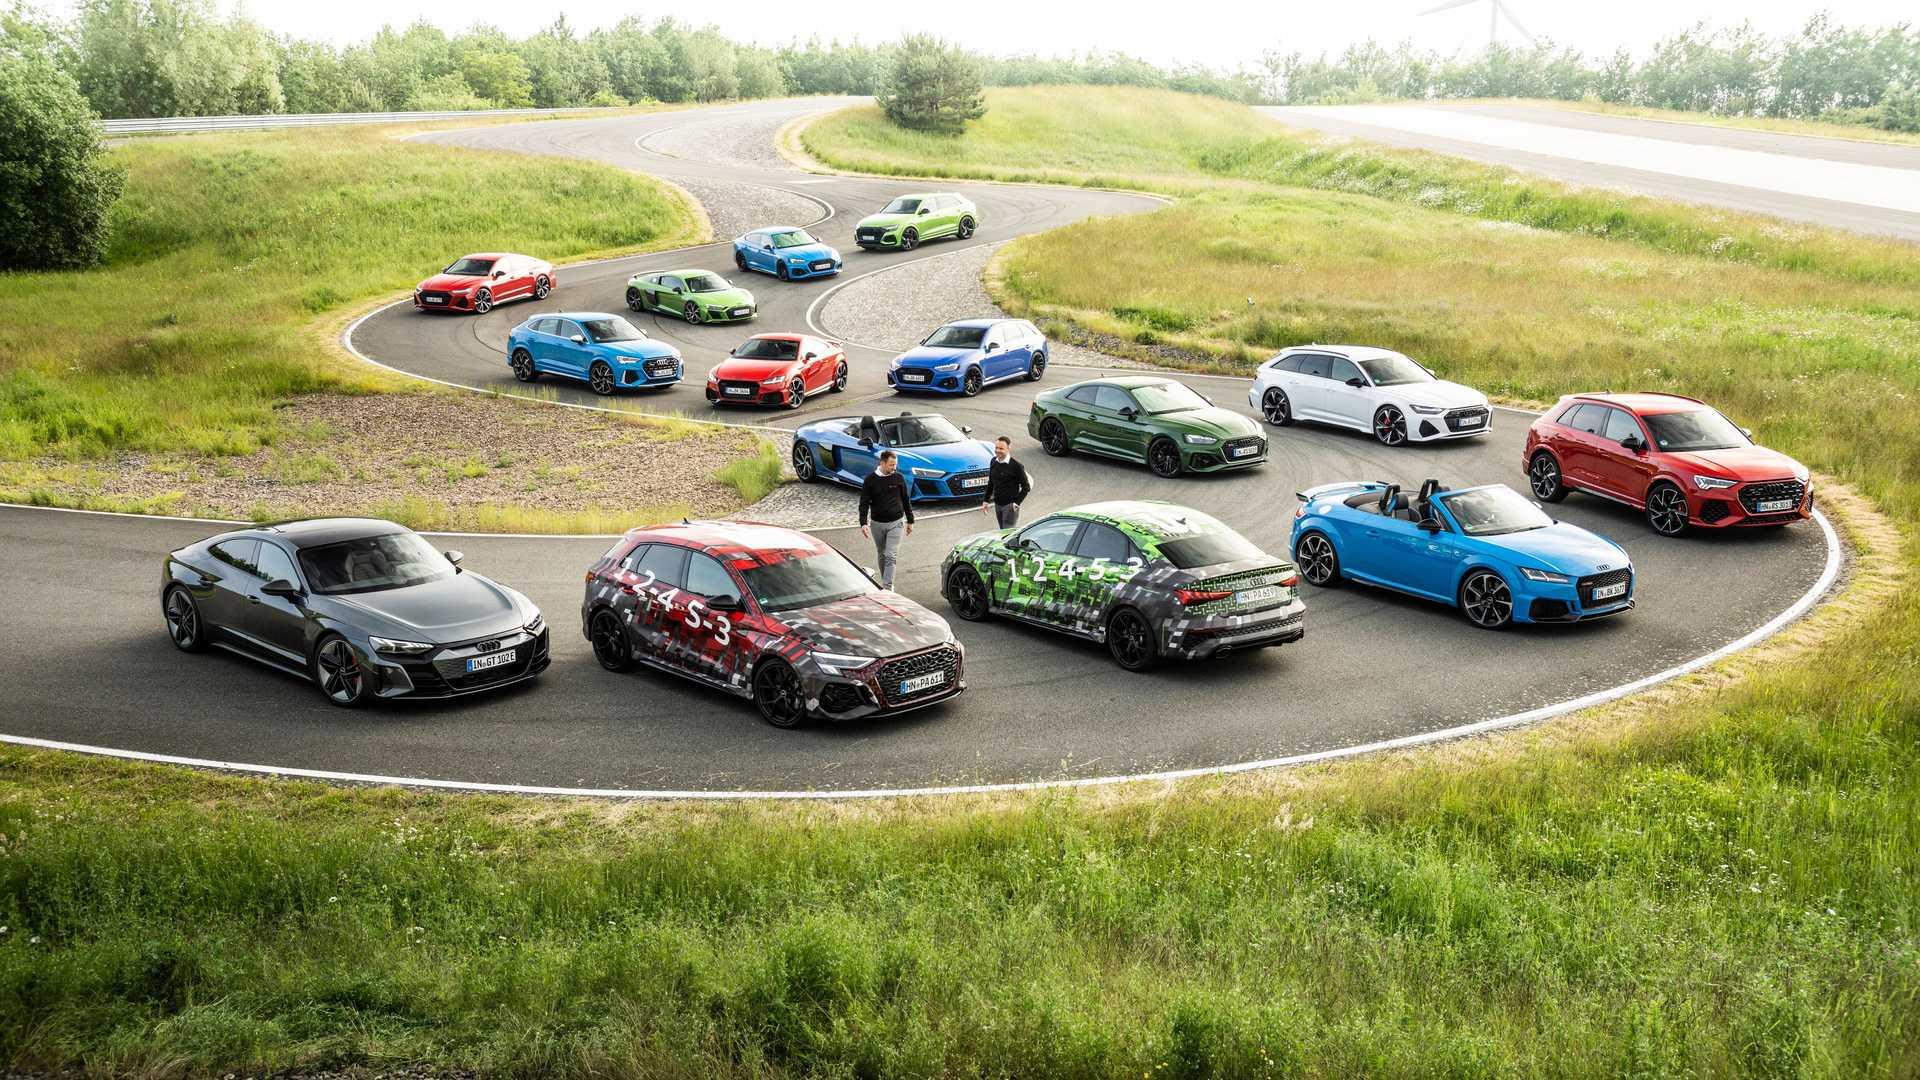 Primer teaser de los Audi RS3 Sportback y RS3 Sedán: My cercanos a su presentación